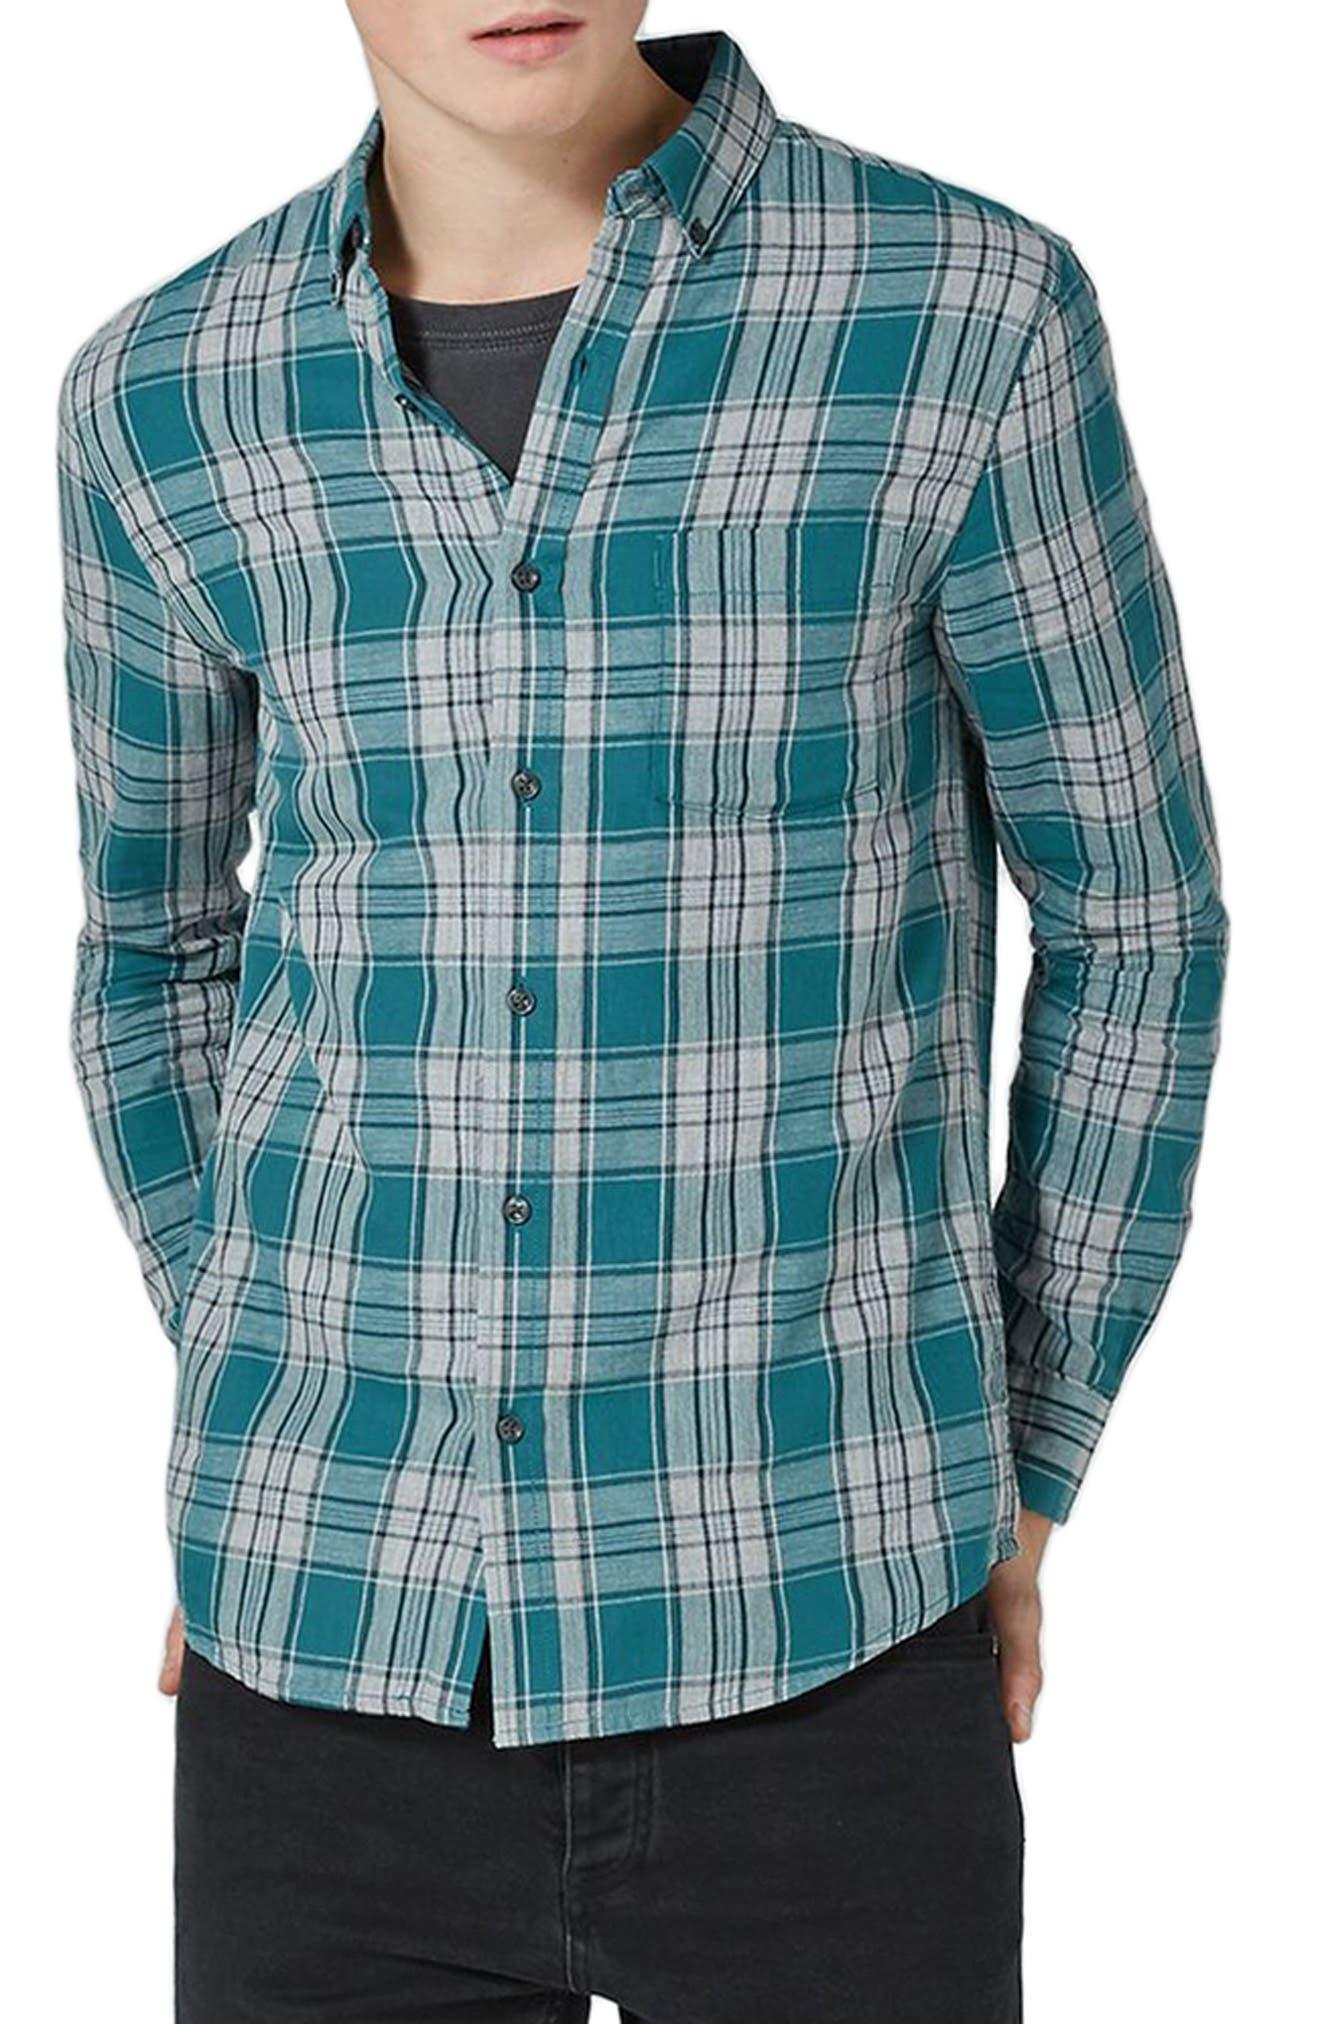 Charlie Check Shirt,                         Main,                         color, 400